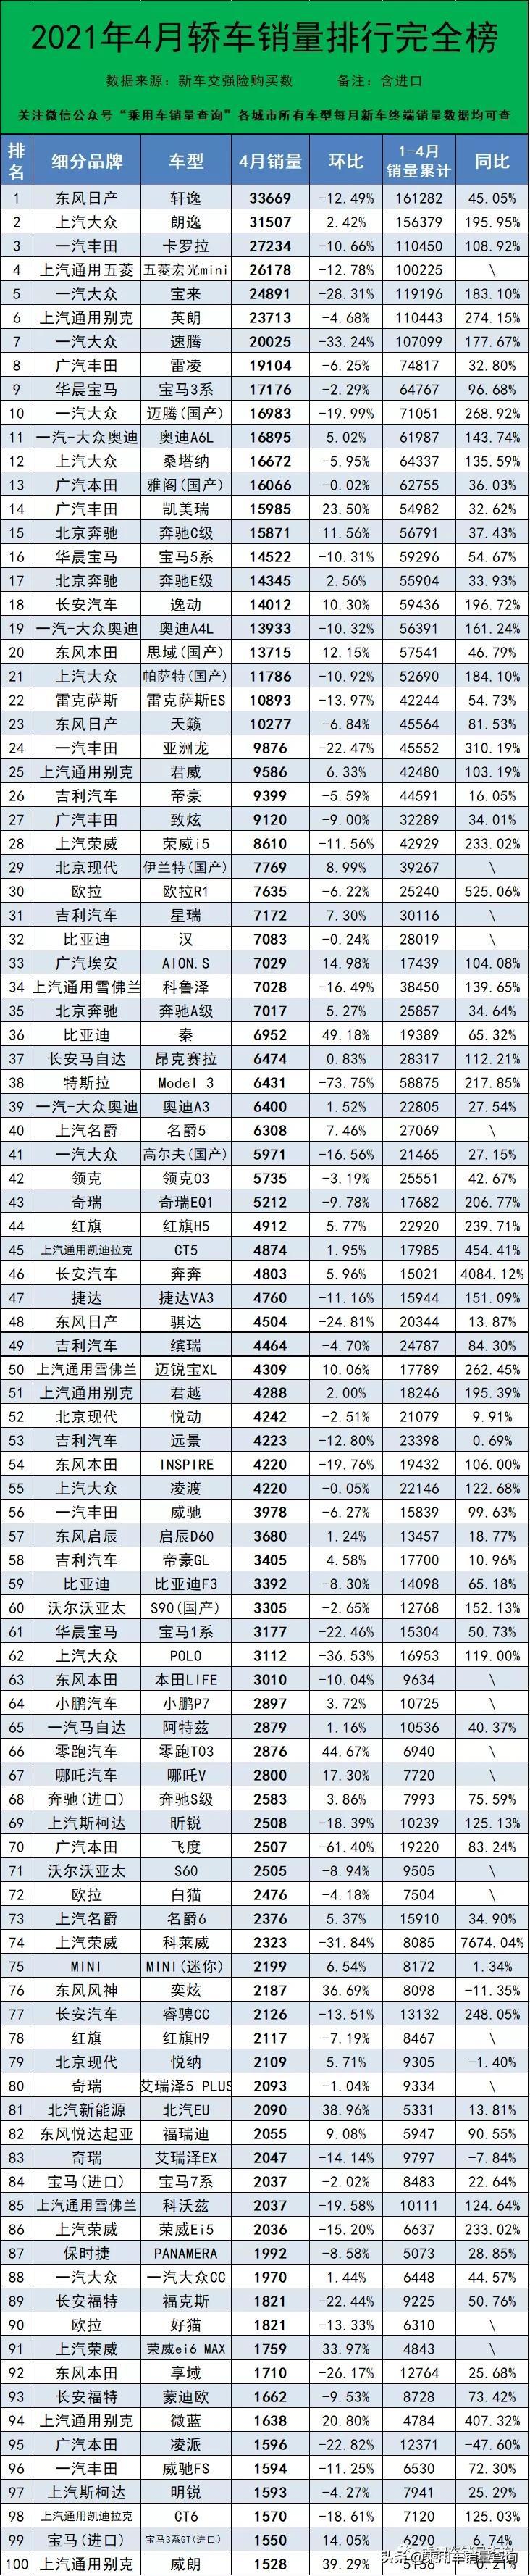 2021年4月汽车终端销量排行榜/总计841个车型(含进口)